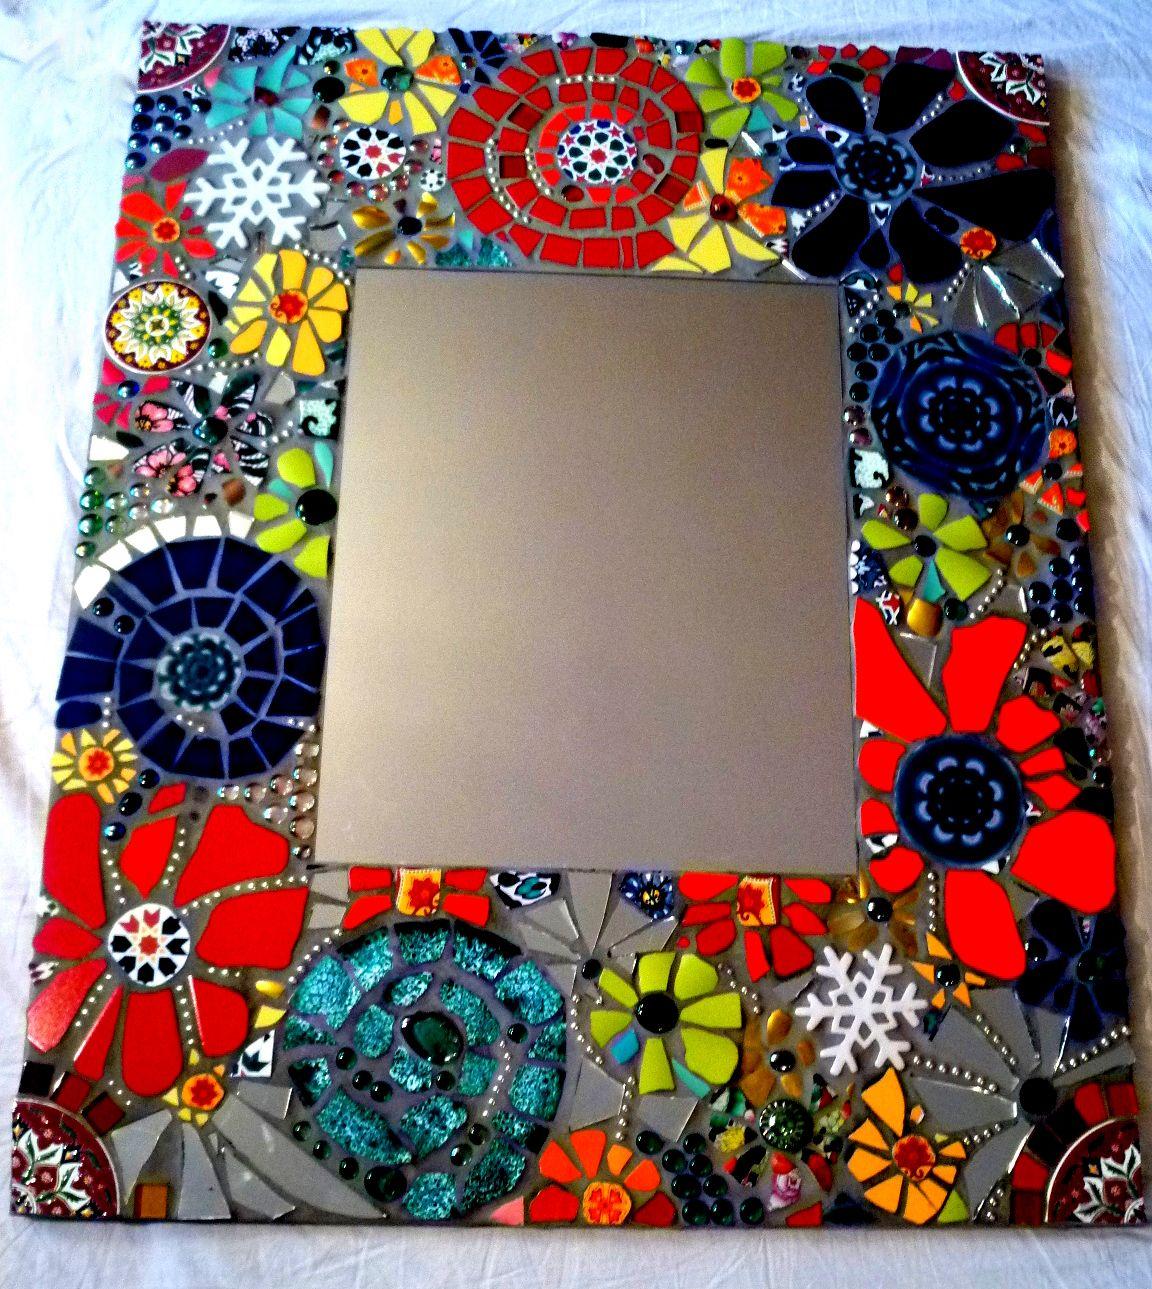 Mosaikspiegel mosaika mosaic mirror mosaic und mosaic art - Mosaiksteine spiegel ...